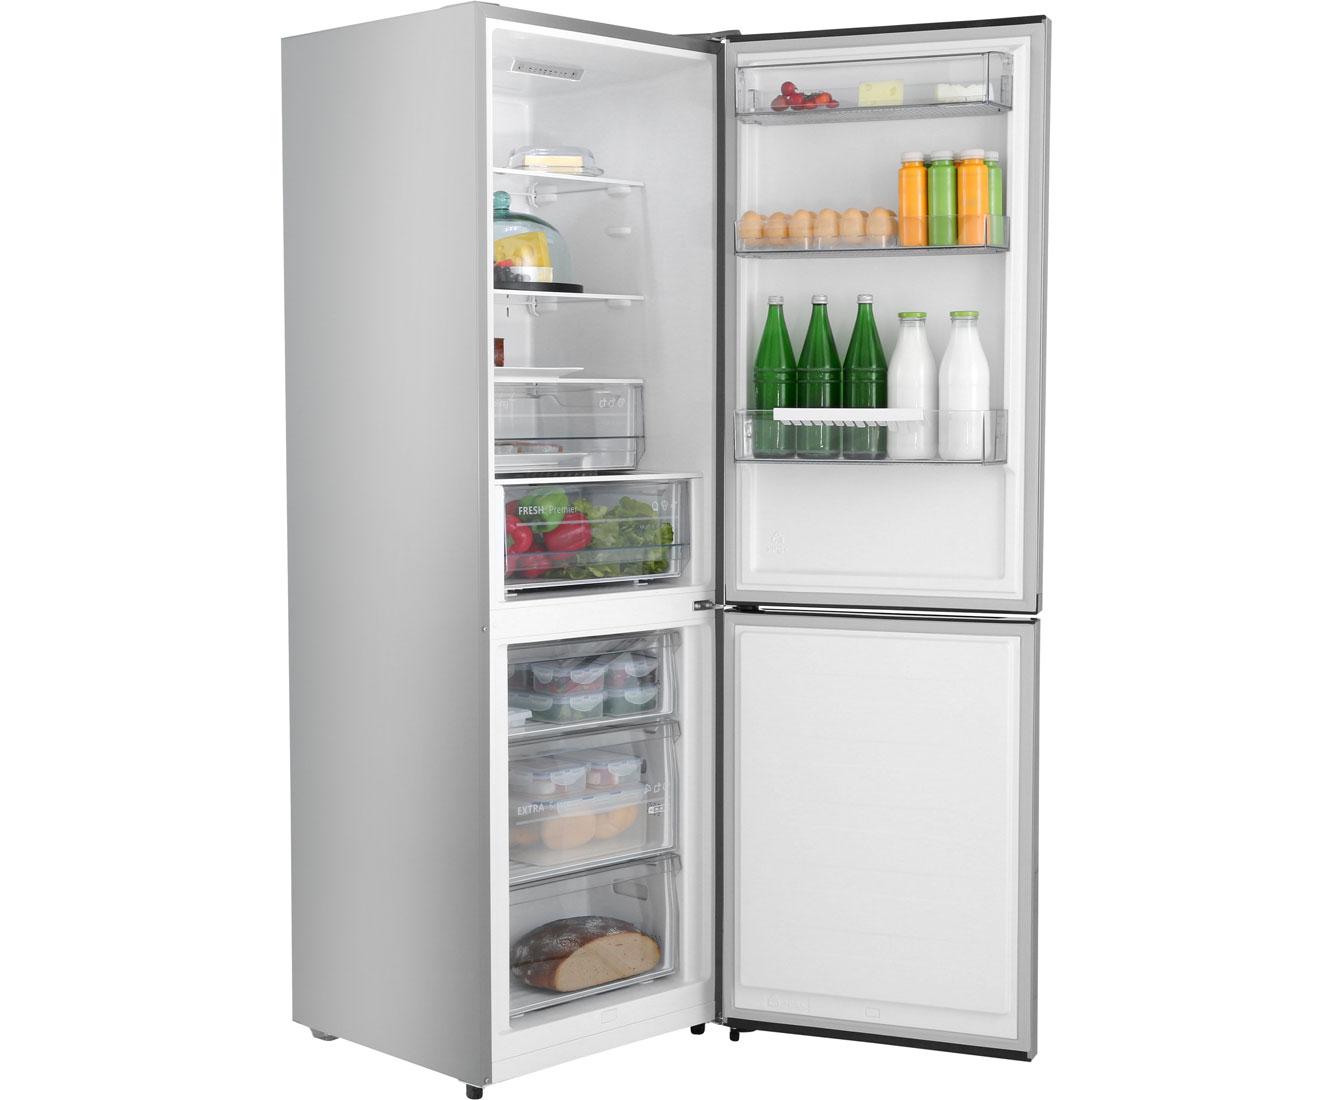 Bosch Kühlschrank Quietscht : Hisense rb400n4eg3 kühl gefrierkombination mit no frost silber a